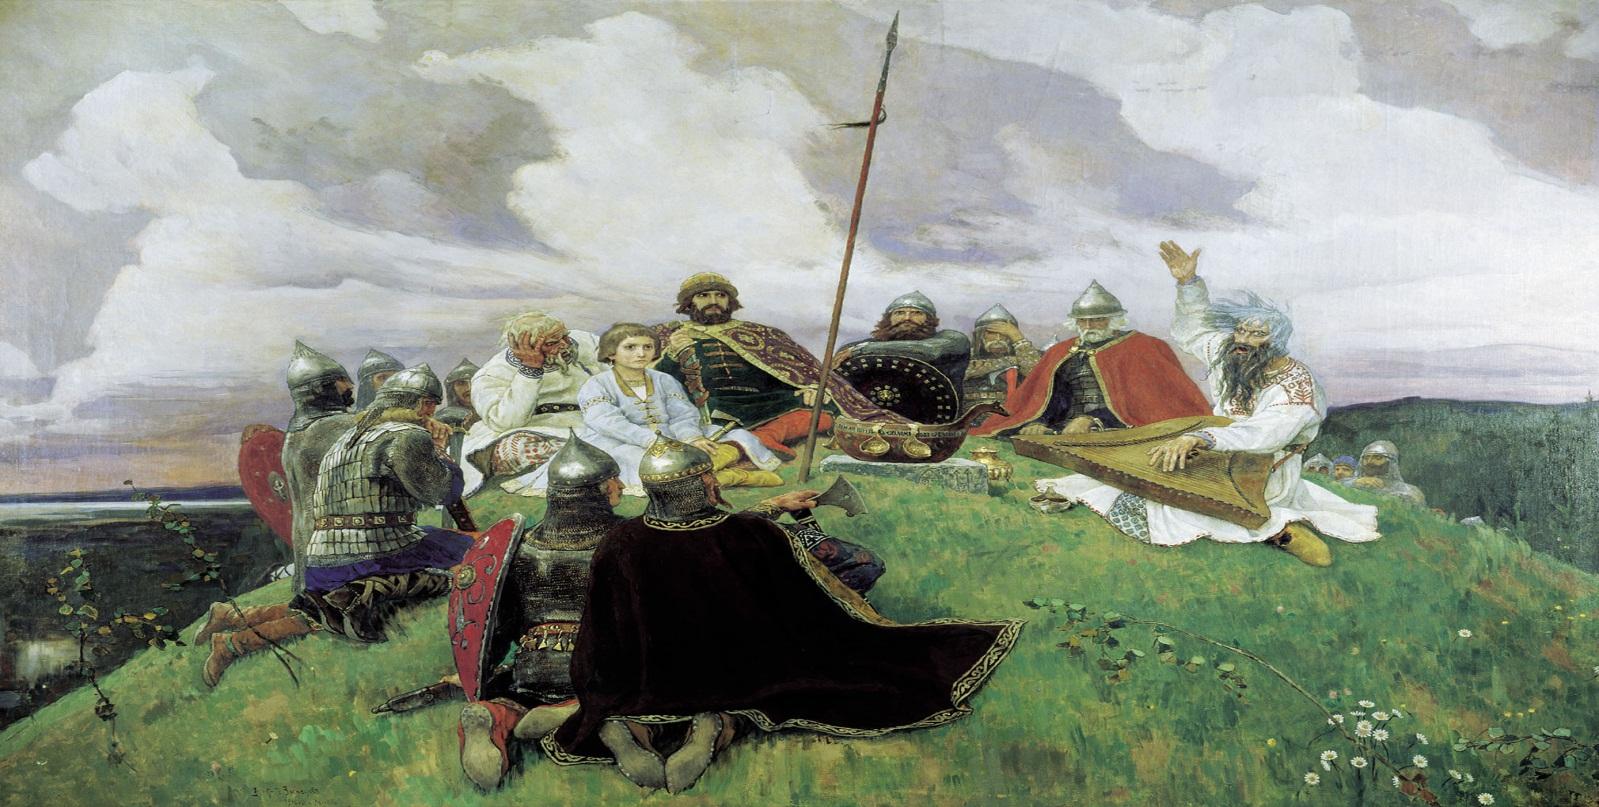 http://russian7.ru/wp-content/uploads/2012/08/Wiktor_Michajlowitsch_Wassnezow_1.jpg